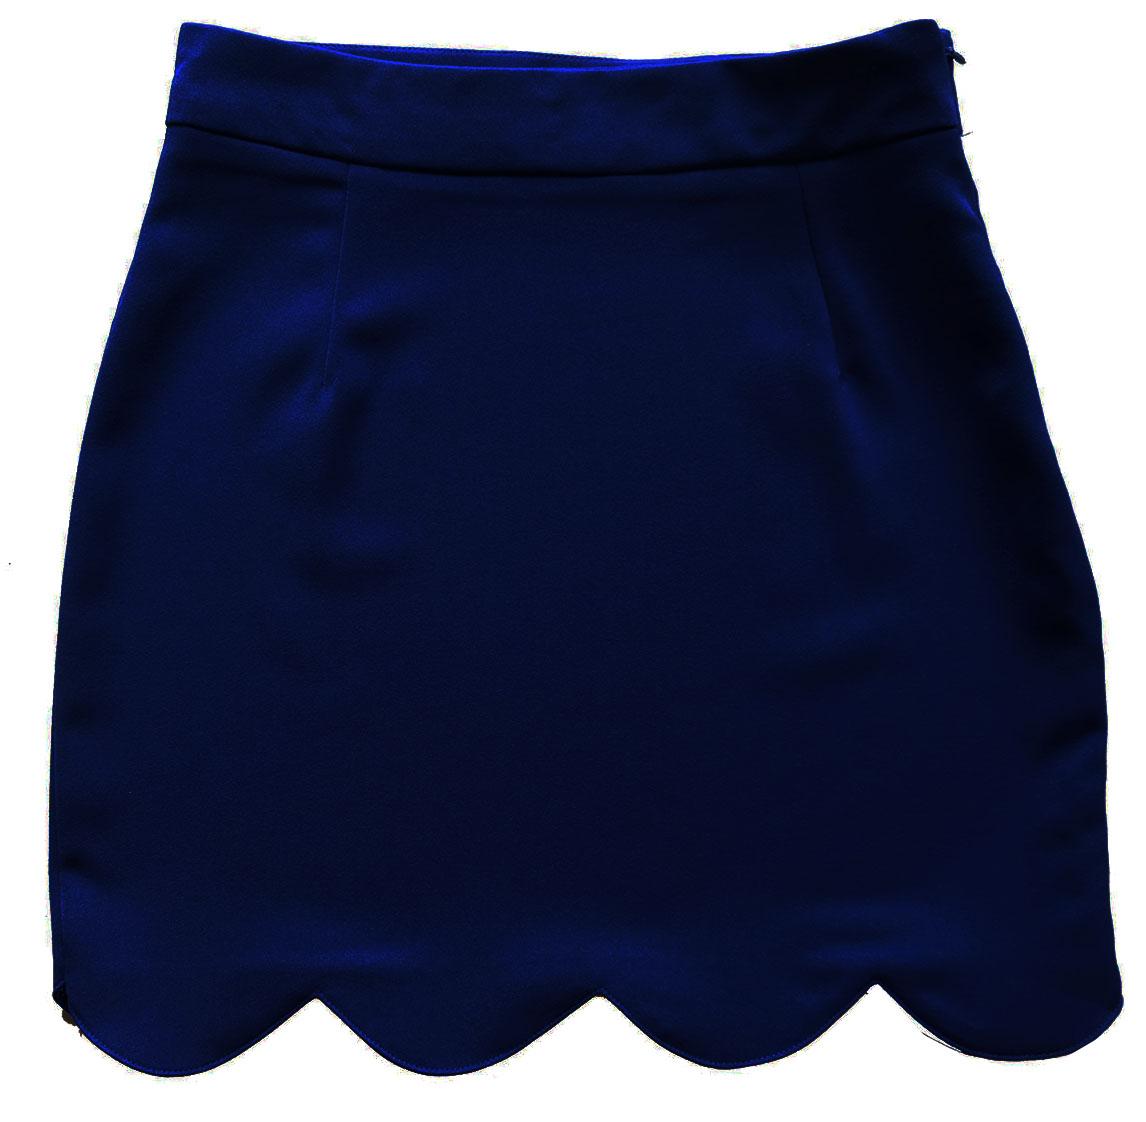 กระโปรงปลายหยัก ผ้าฮานาโกะ สีกรม Size S M L XL